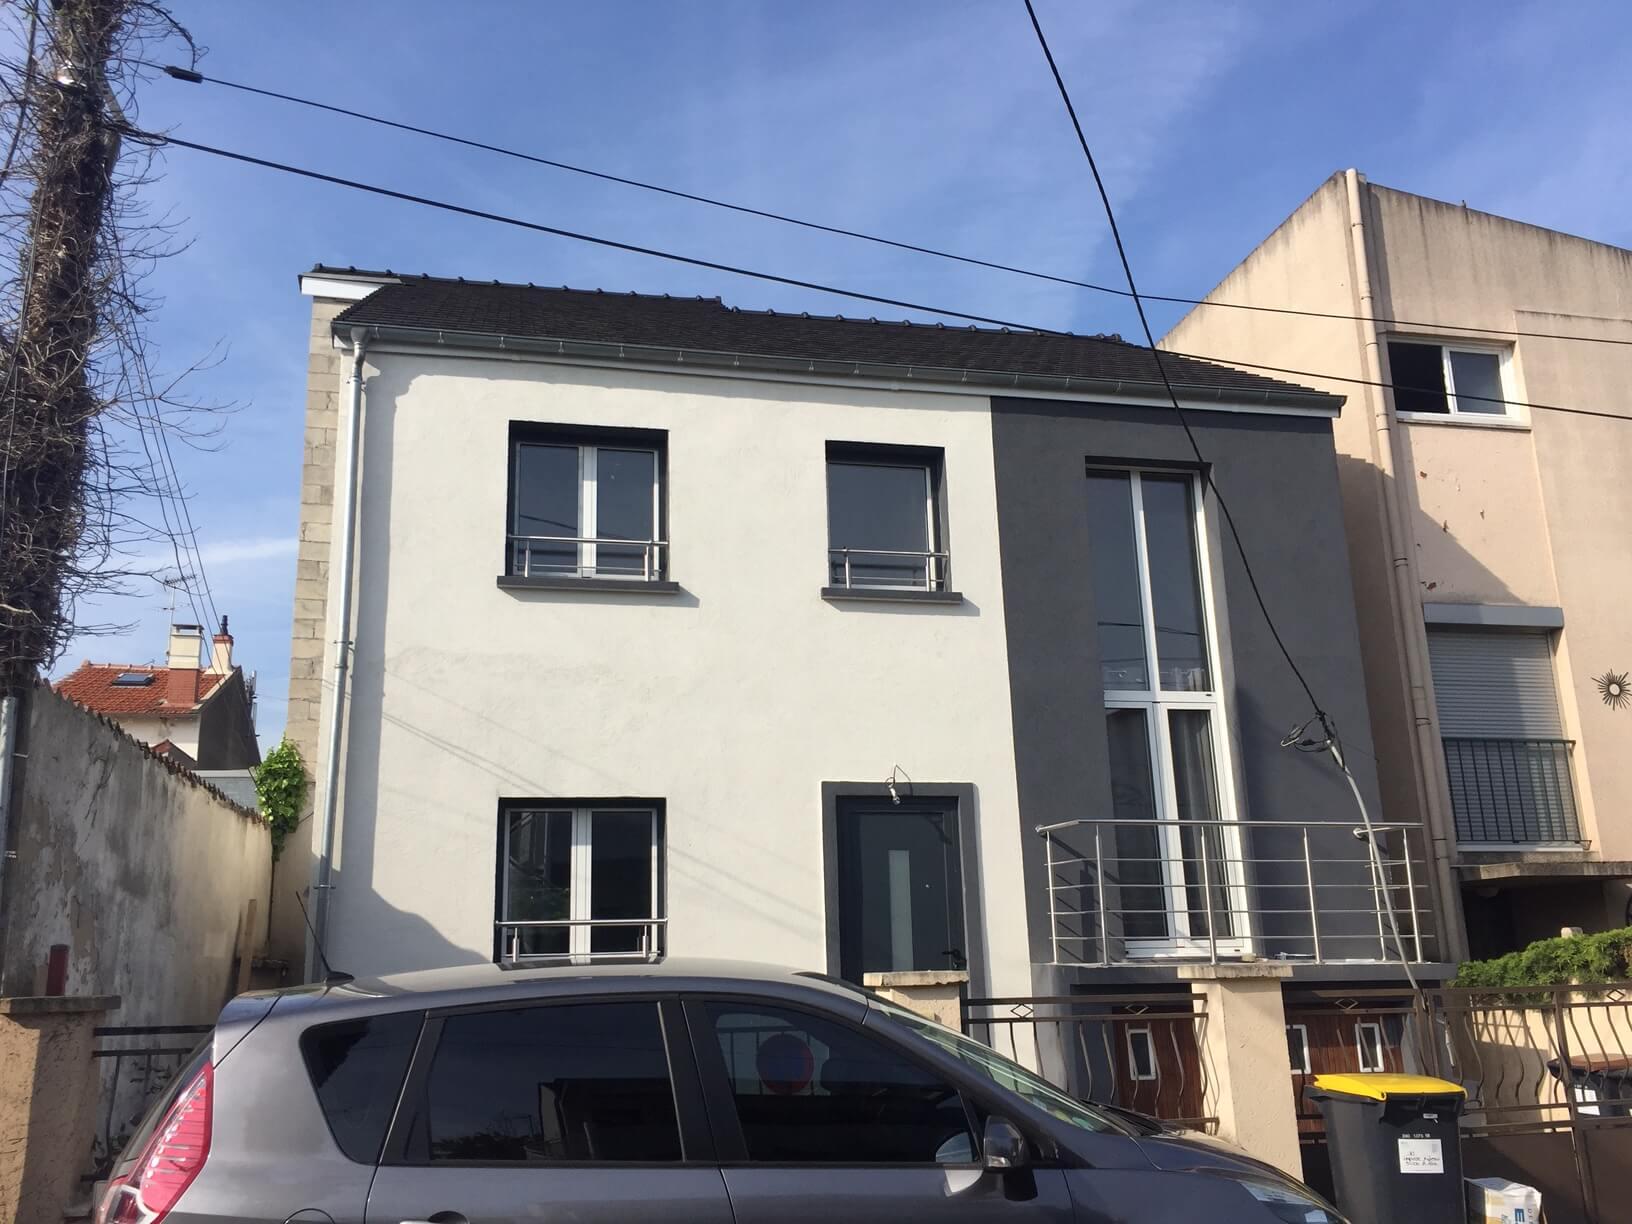 extension et renovation maison saint Maur des fossés 94